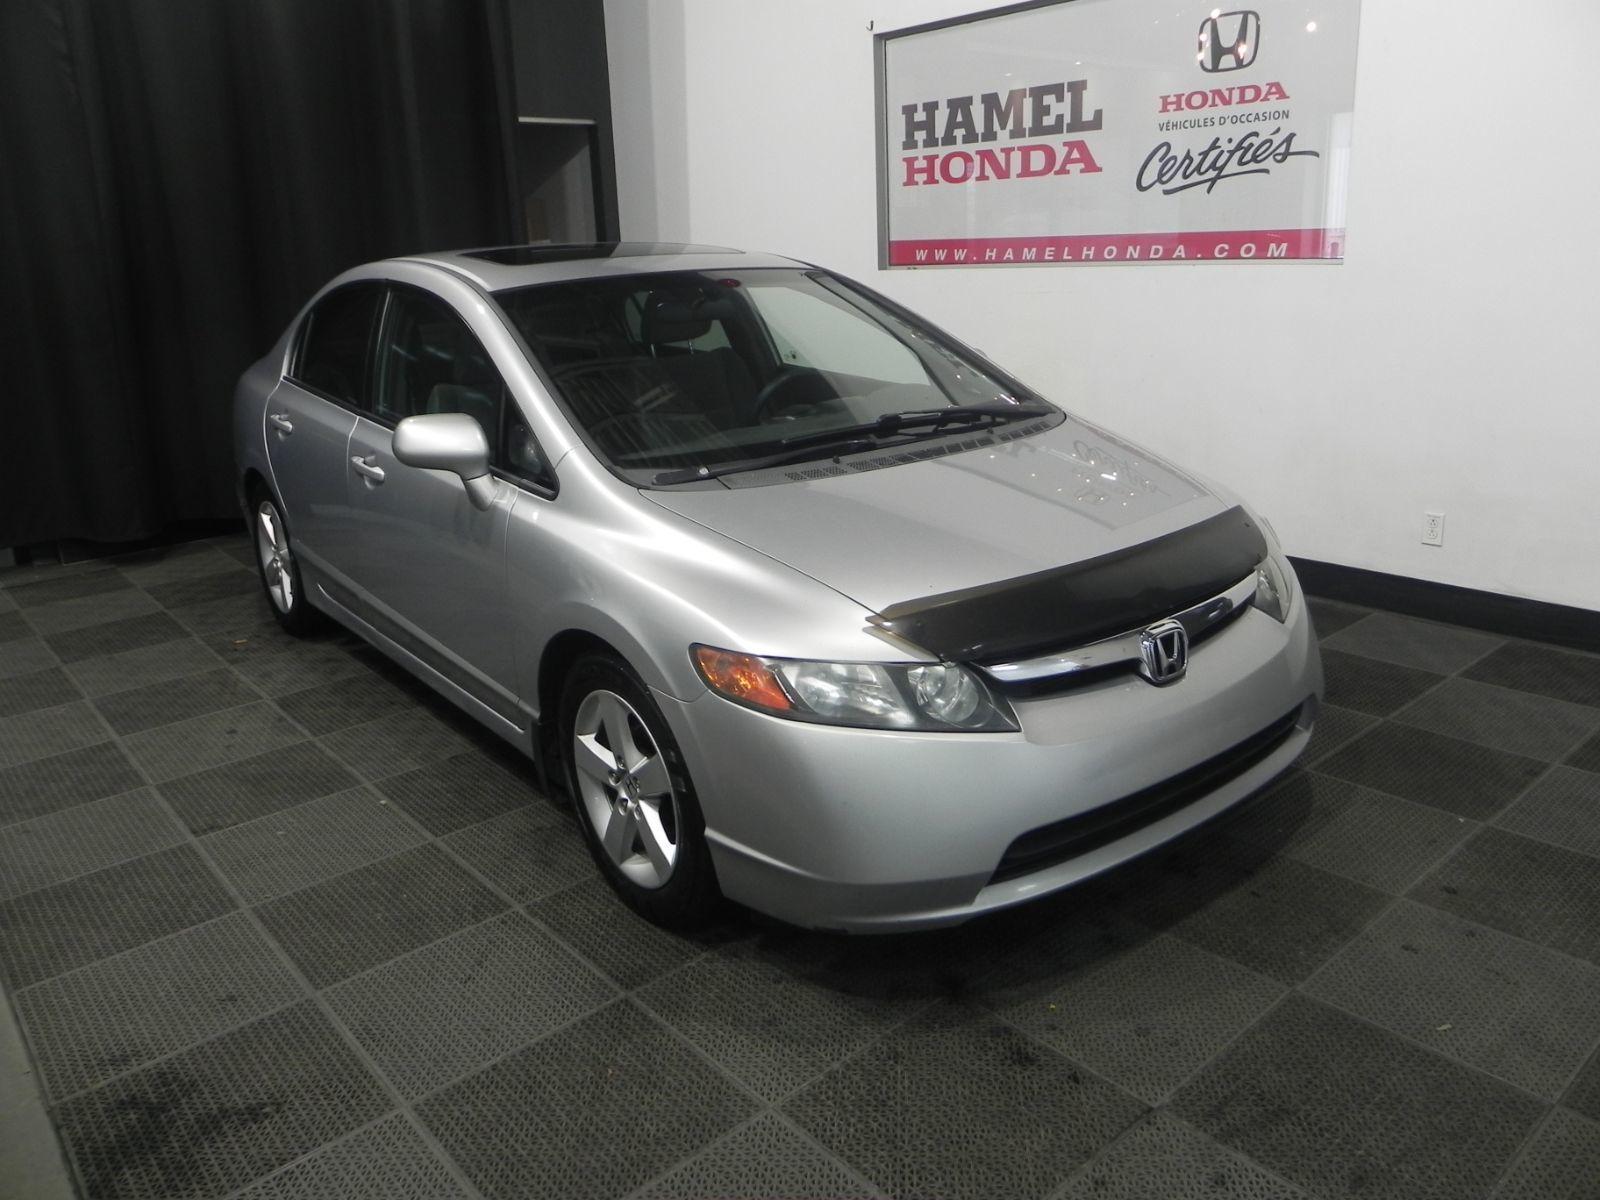 Used 2008 Honda Civic For Sale 3888 0 Hamel Honda